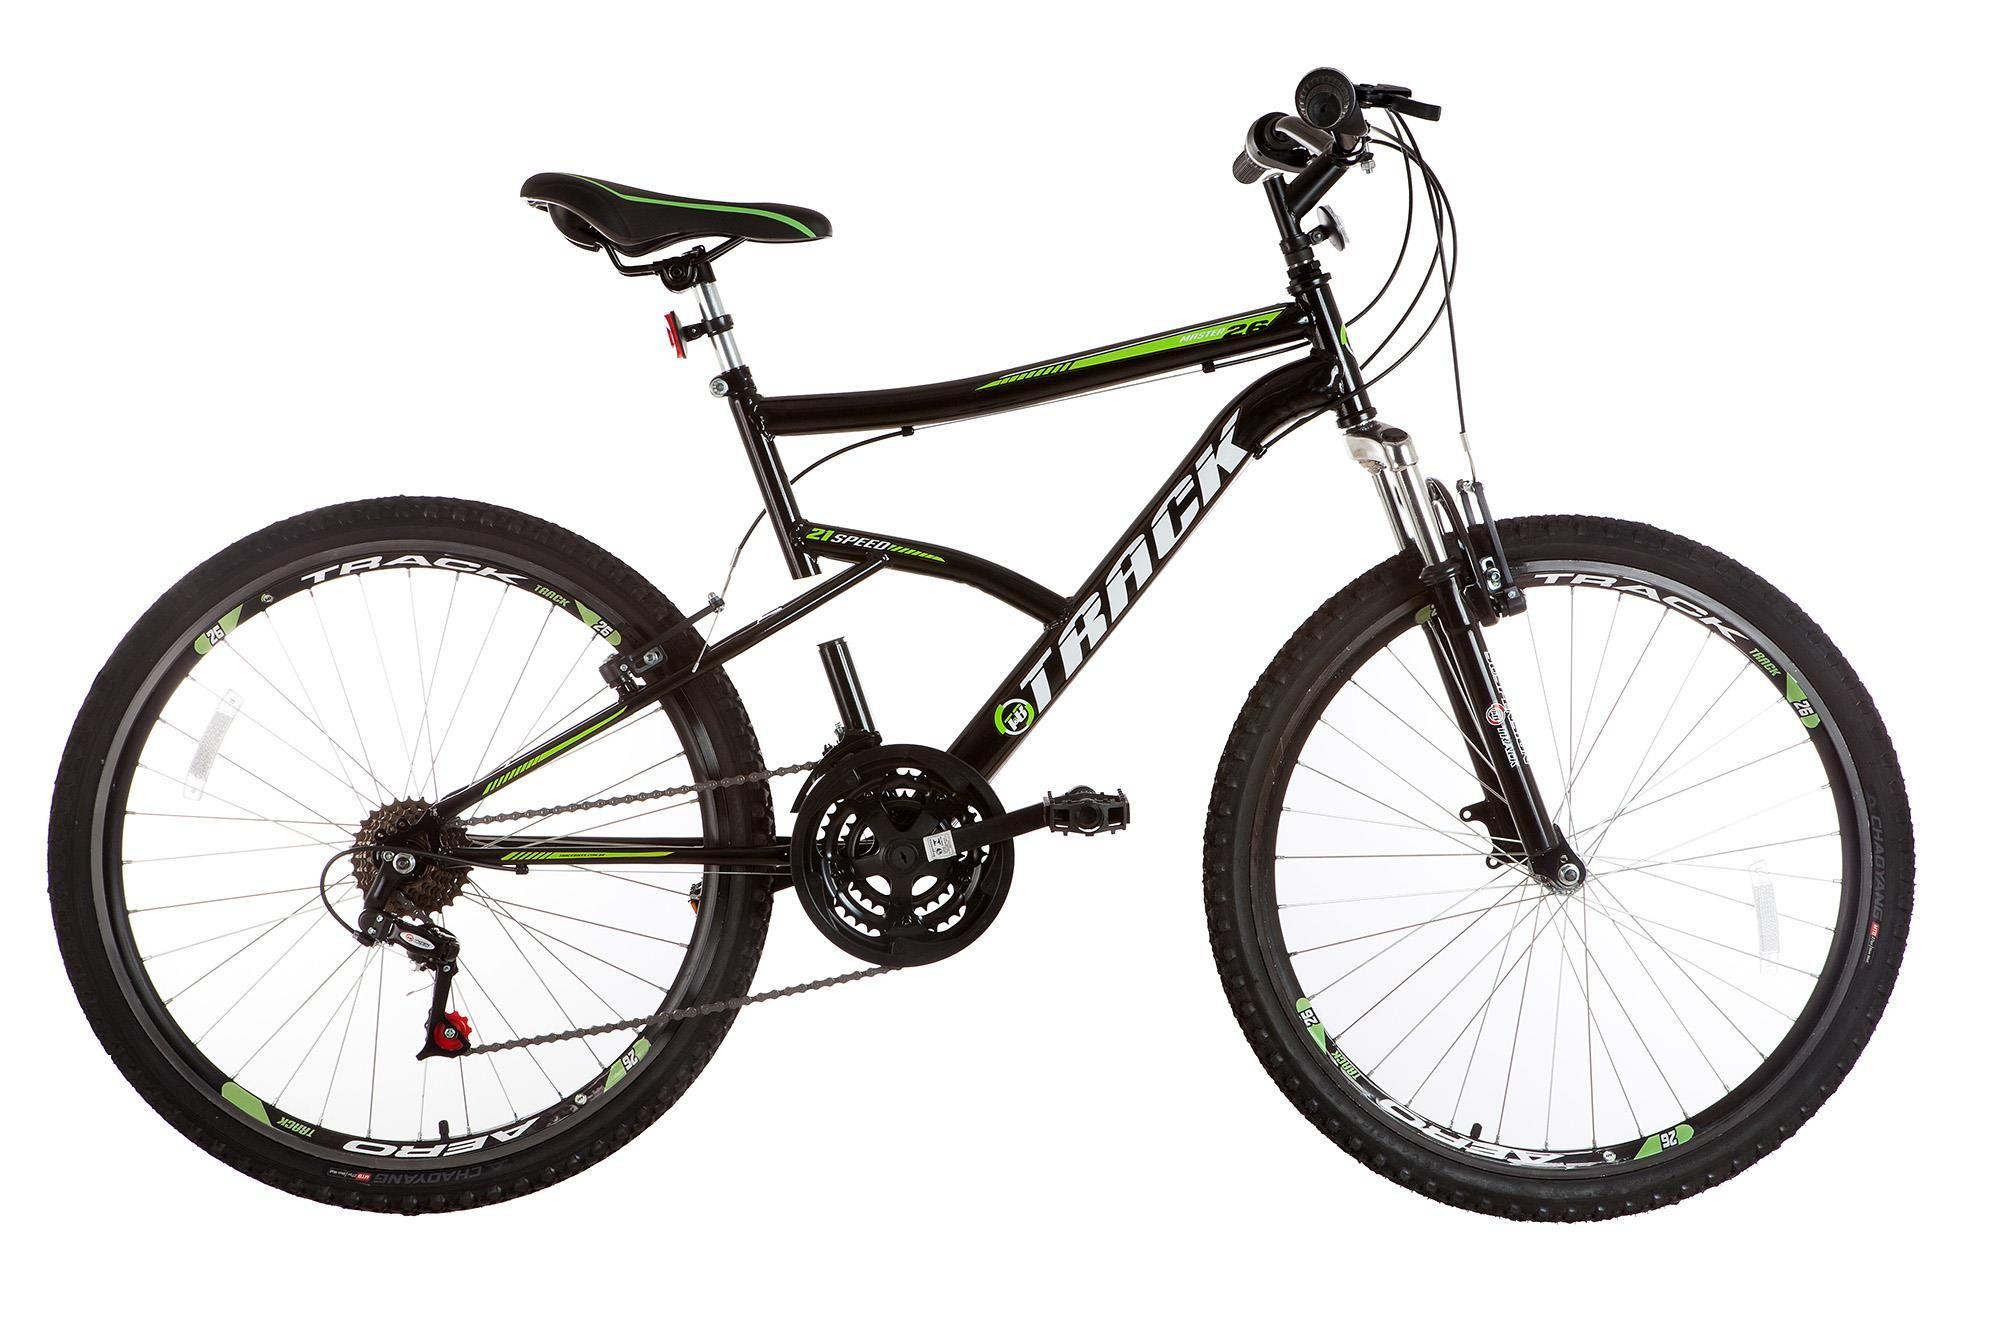 Bicicleta Aro 26 Track Master - 21 V Adulto Lazer com suspensão